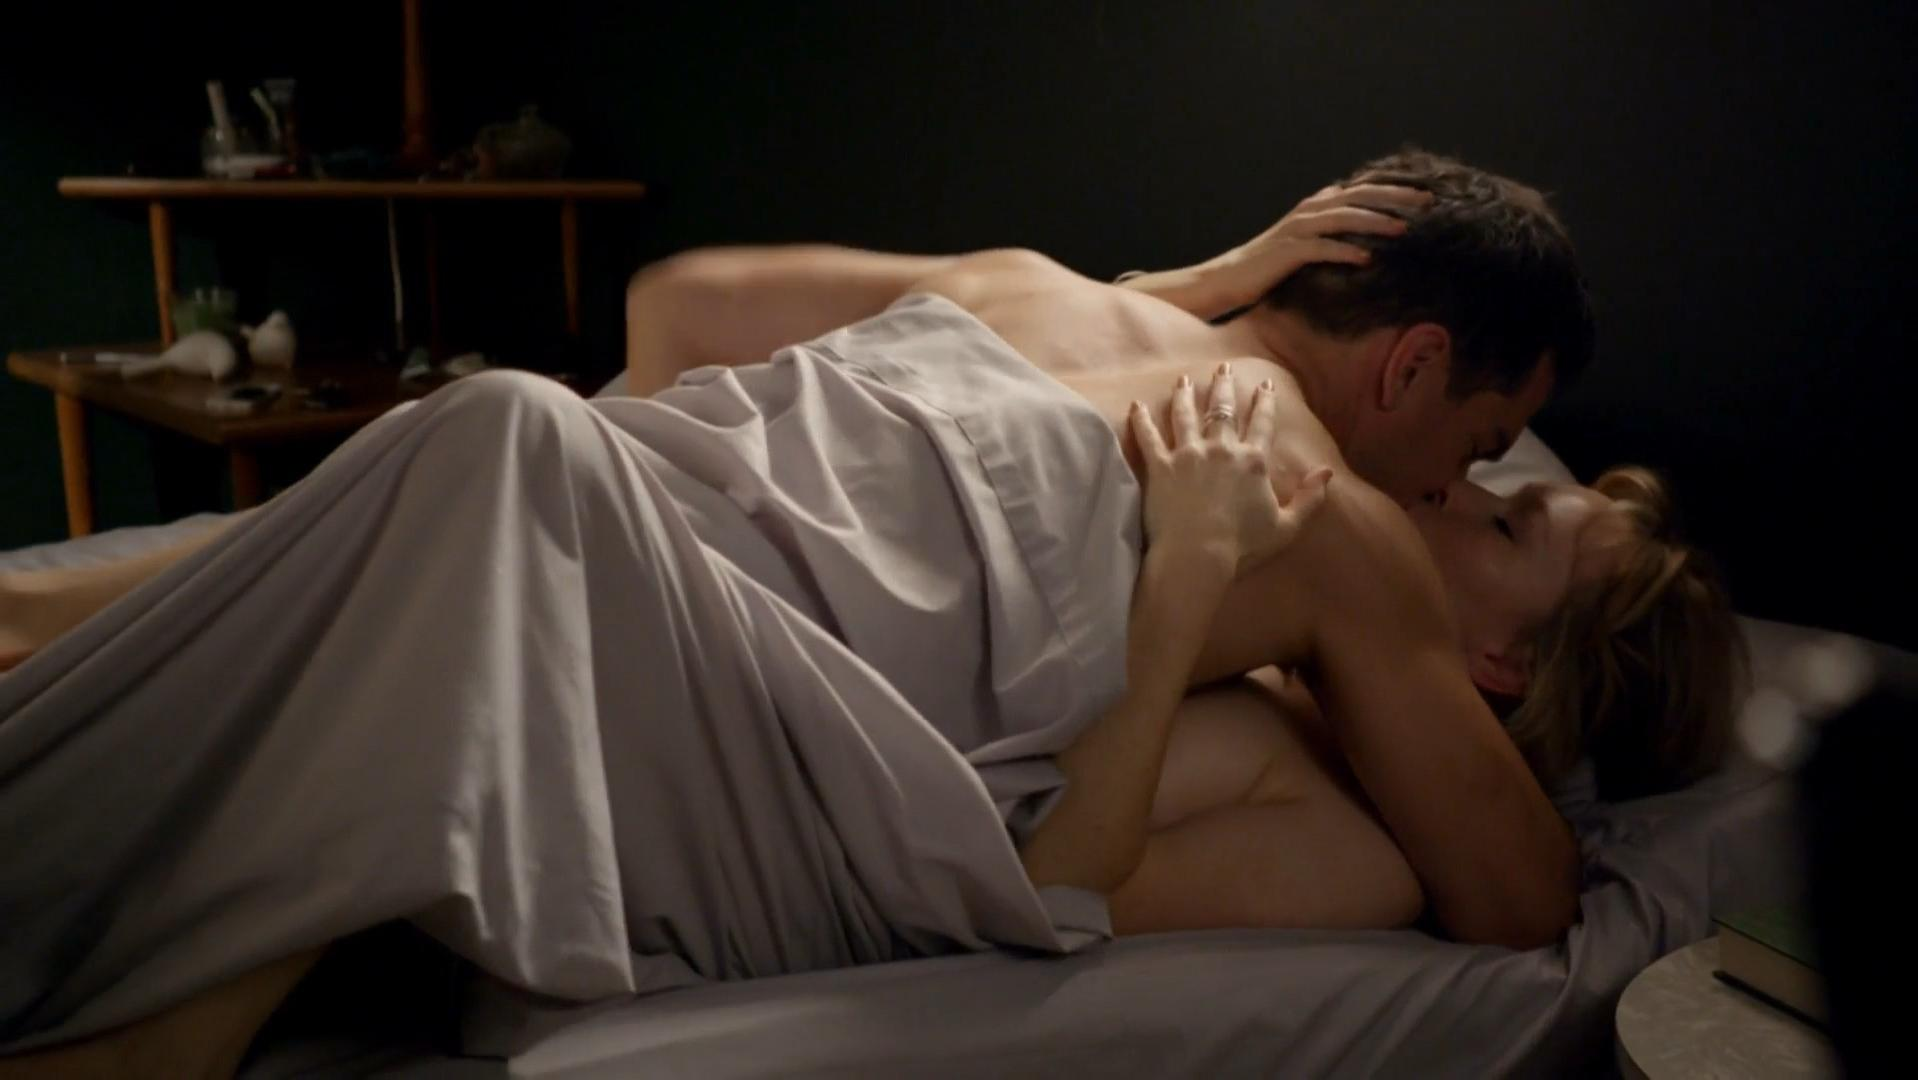 layla sex faket naket potos